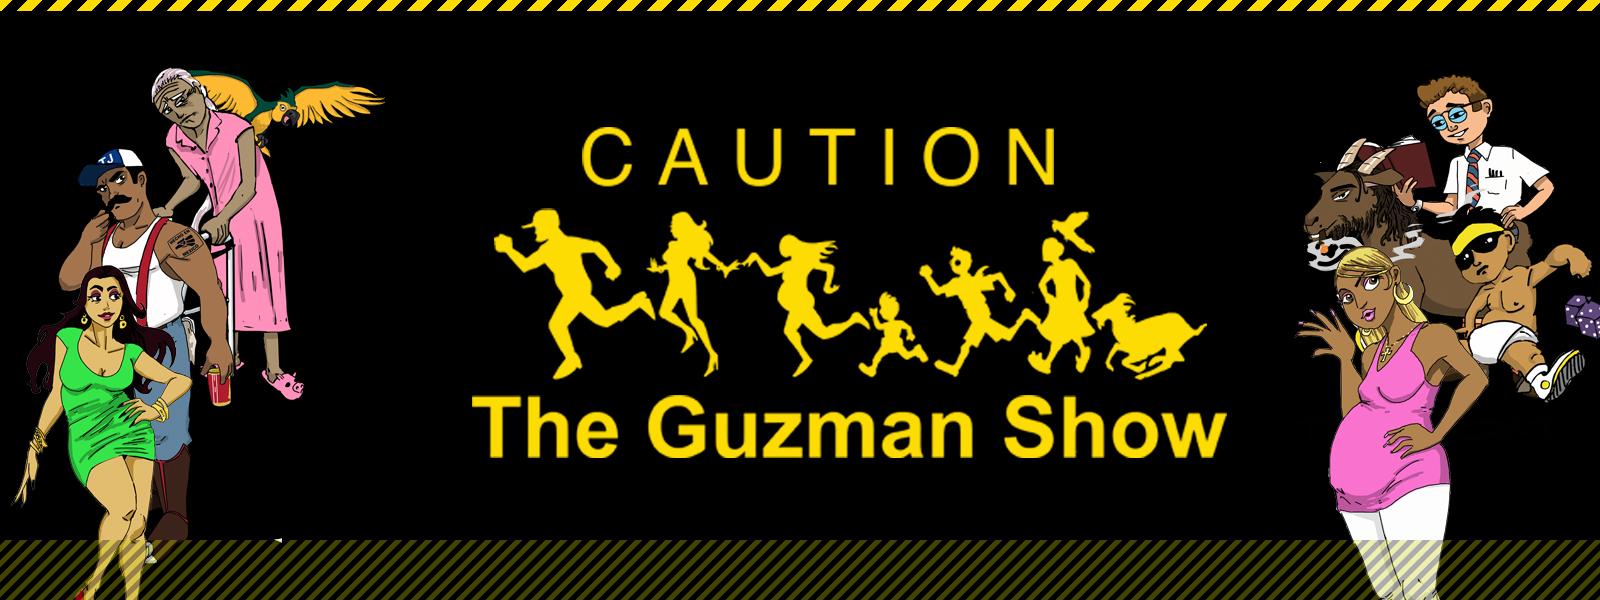 The Guzman Show Channel Cover